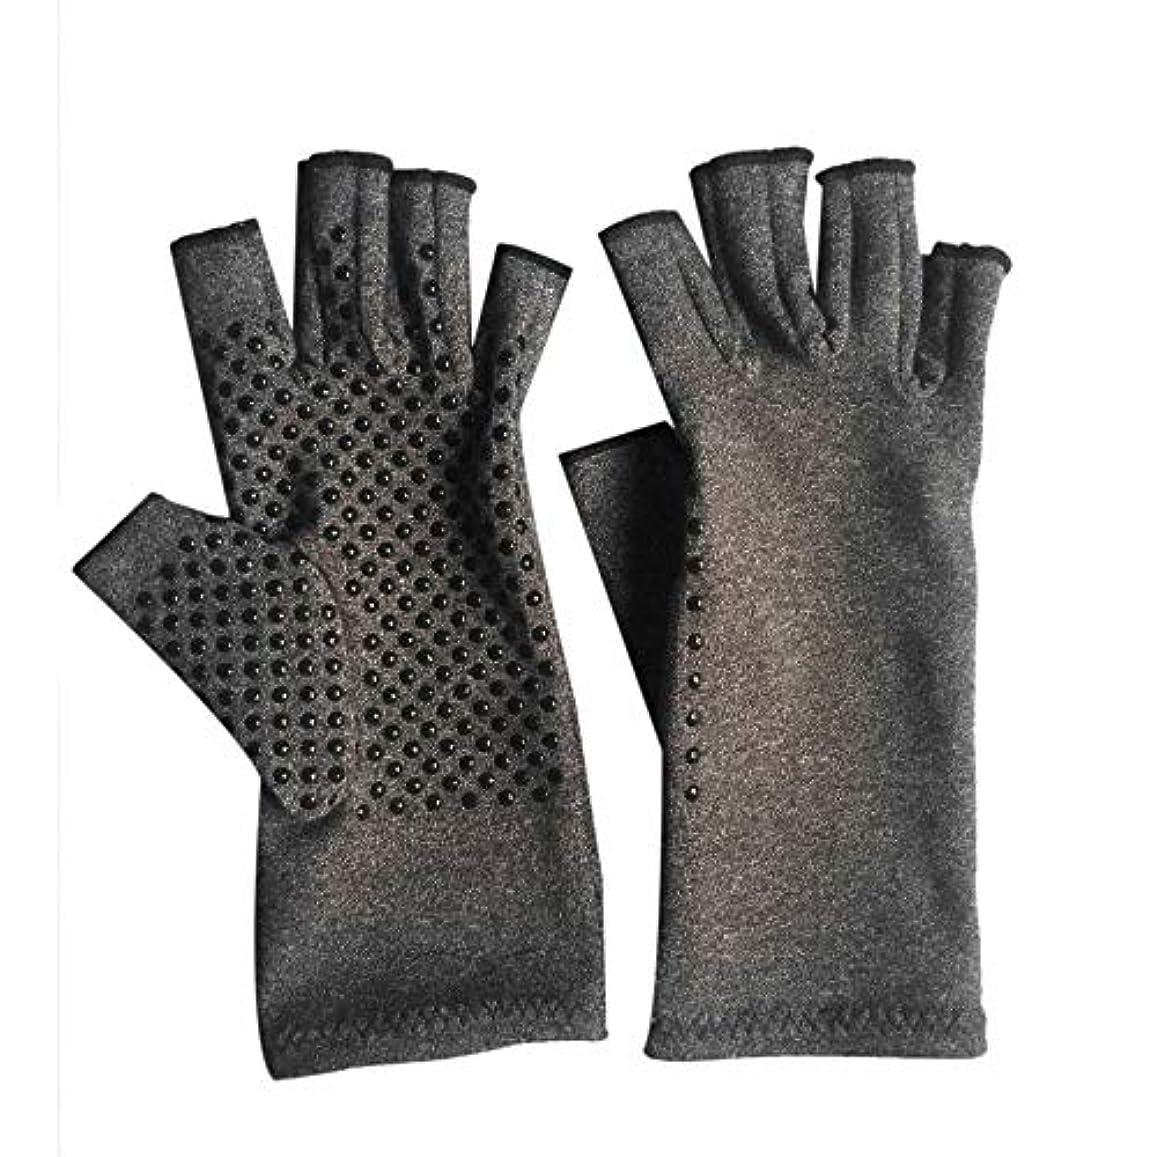 アマゾンジャングルまどろみのあるキャンベラ1ペアユニセックス男性女性療法圧縮手袋関節炎関節痛緩和ヘルスケア半指手袋トレーニング手袋 - グレーM